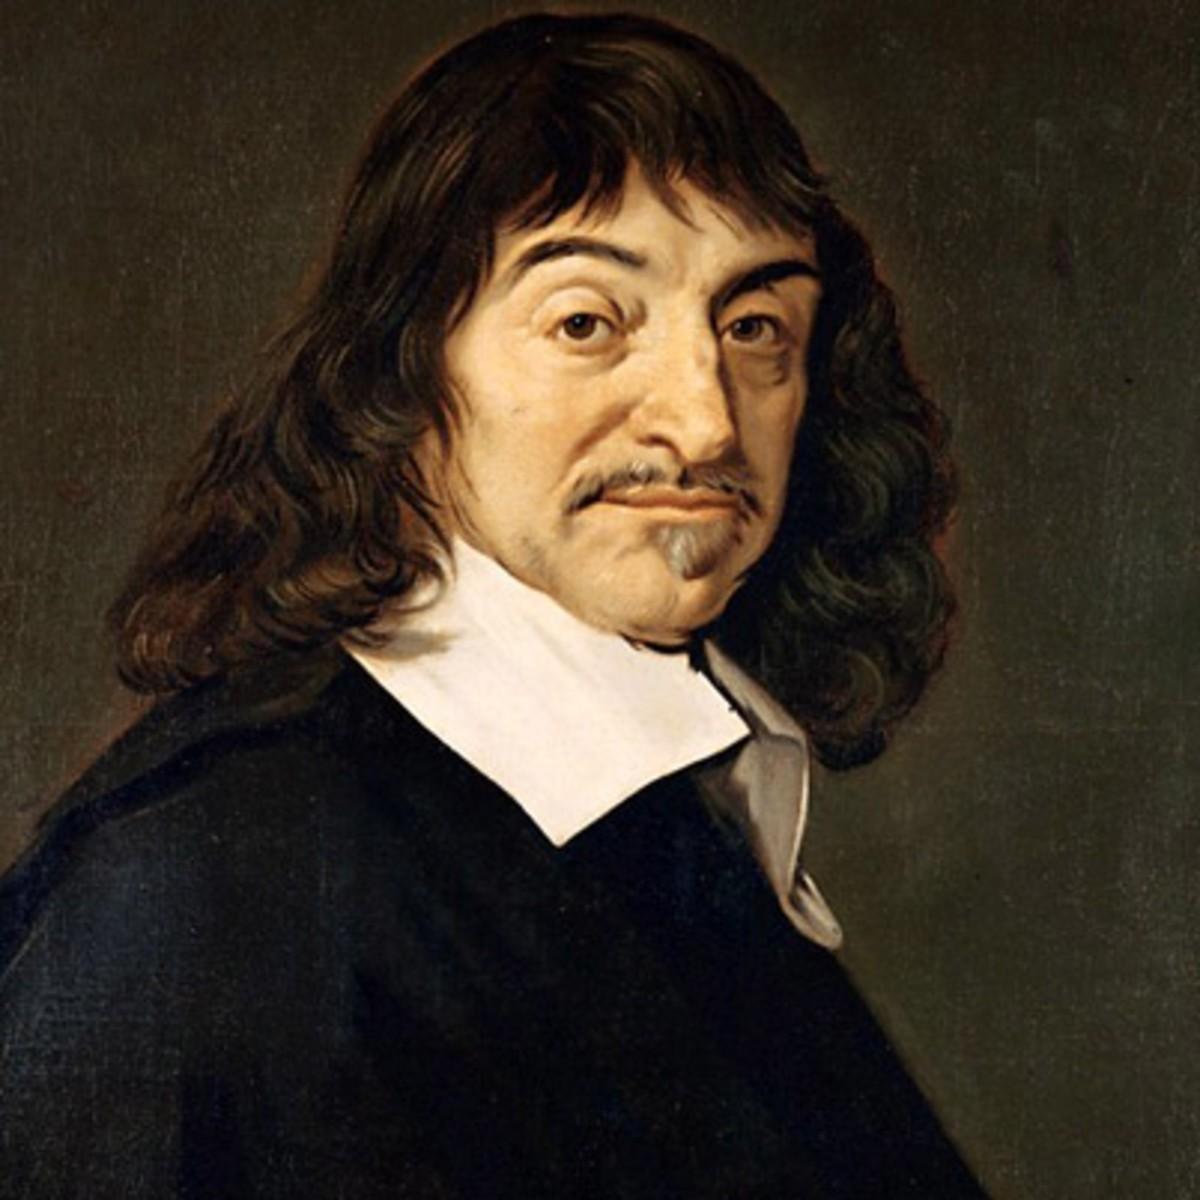 rene-descartes-37613-1-402 Descartes'in 'Düşünüyorum, o halde varım' Sözü Hakkında